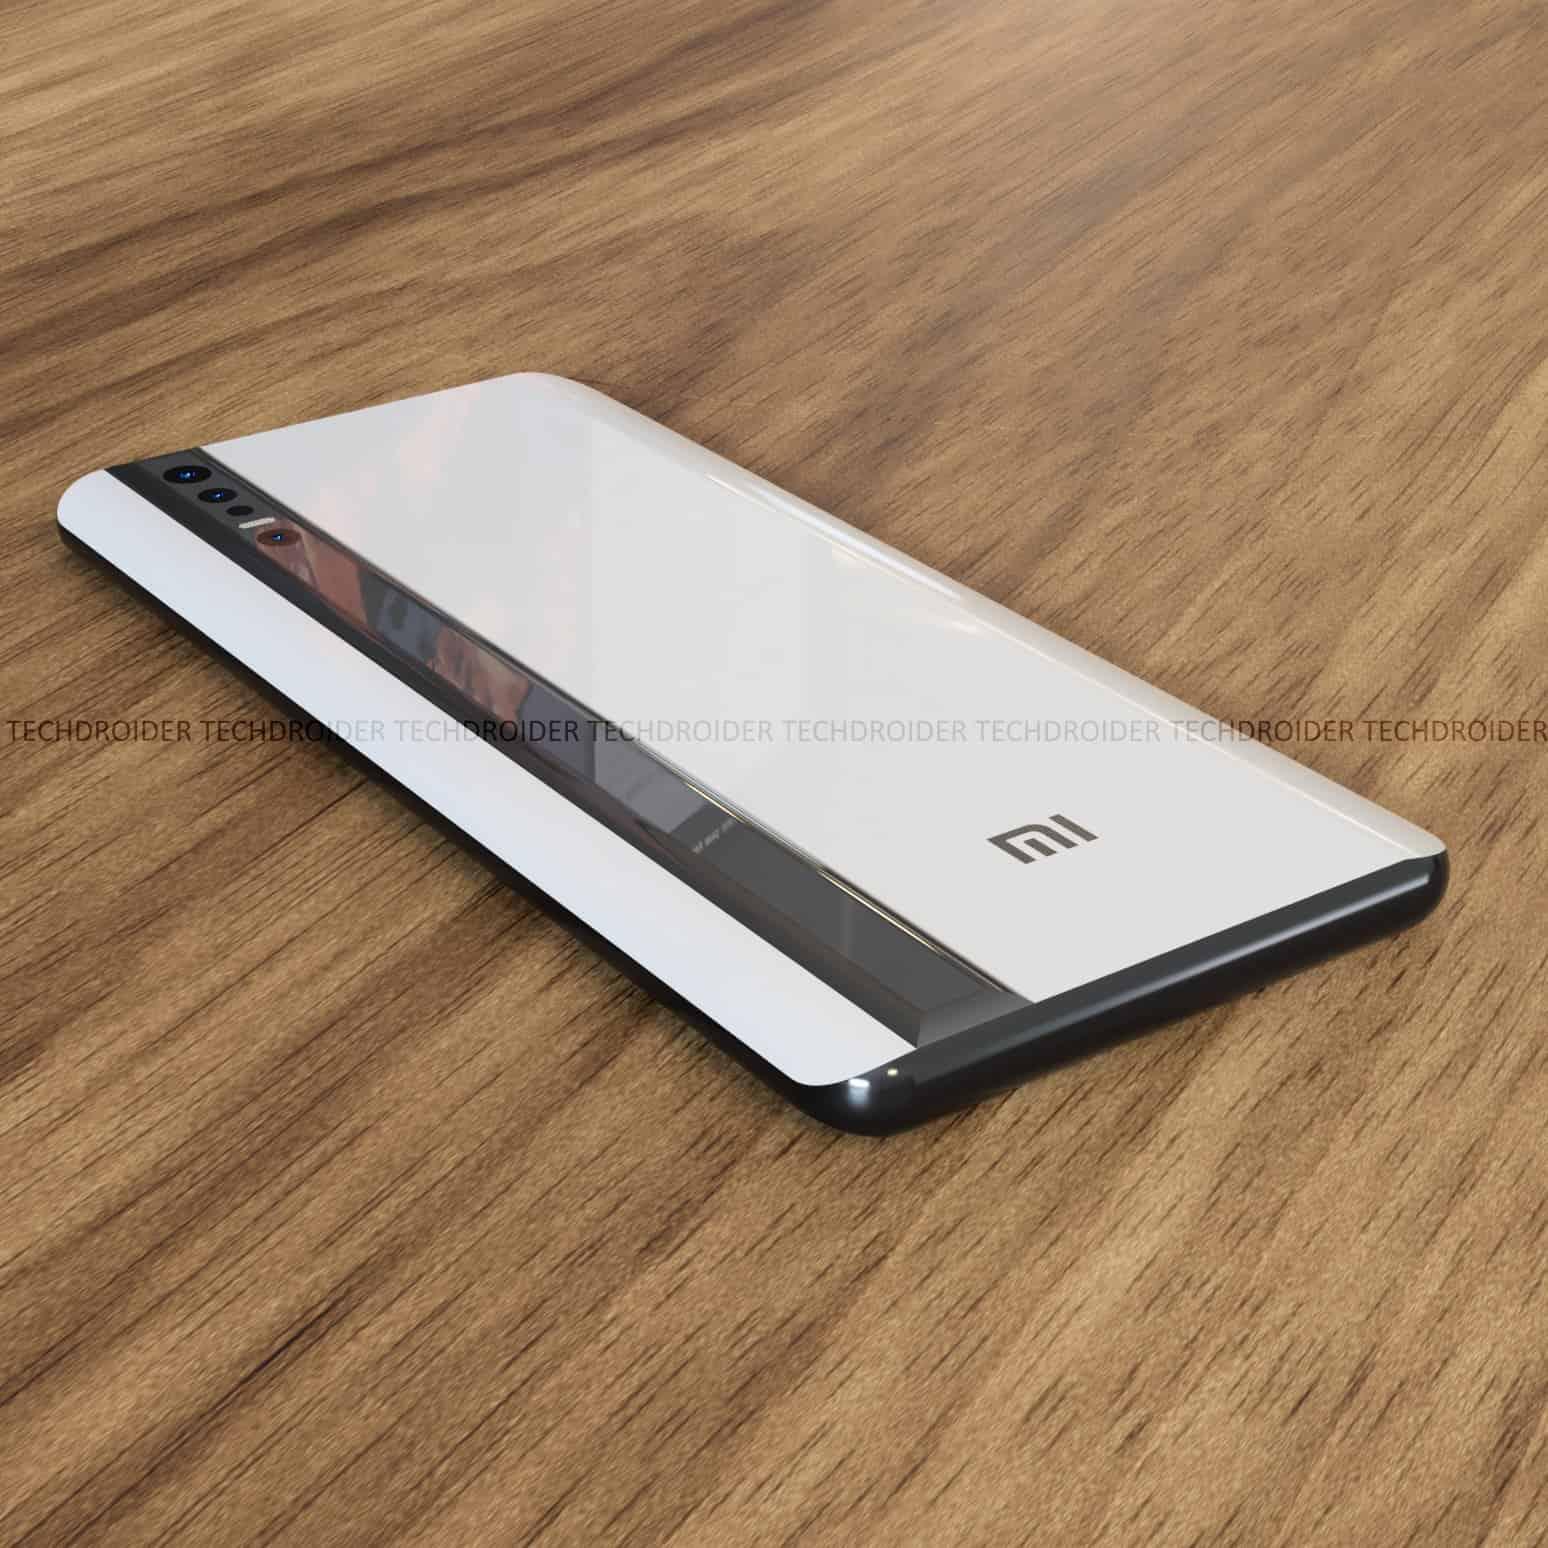 Xiaomi Mi 11 concept design TechDroider 1